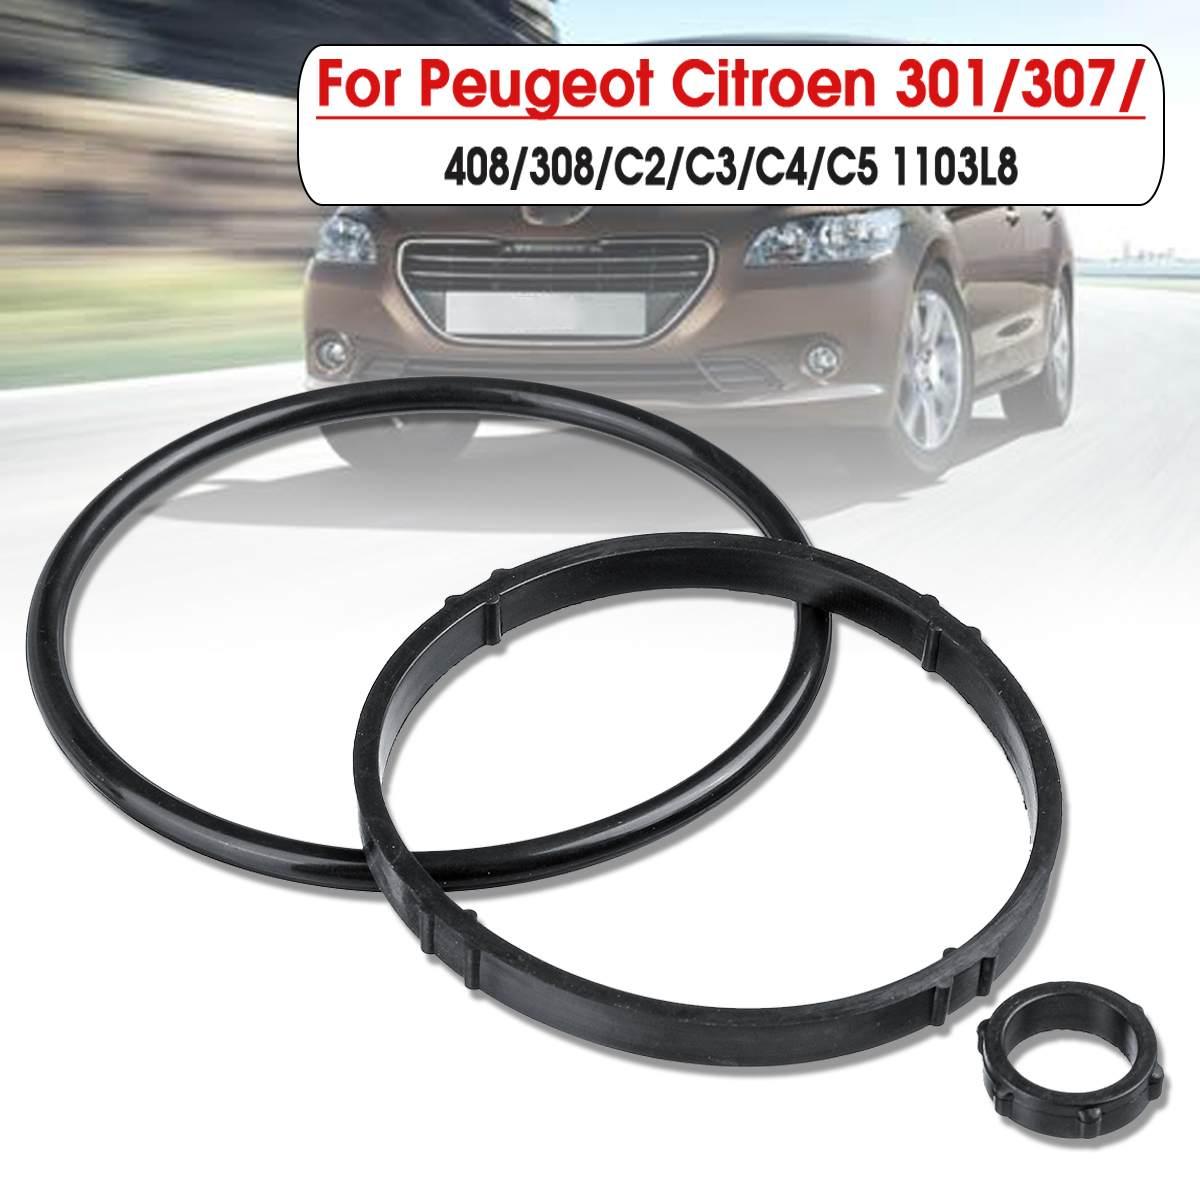 Car Oil Filter Gasket Seals 1103L8 Oil Filter Housing Gasket Kit Black For Peugeot/Citroen 301 307 408 308 C2 C3 C4 C5